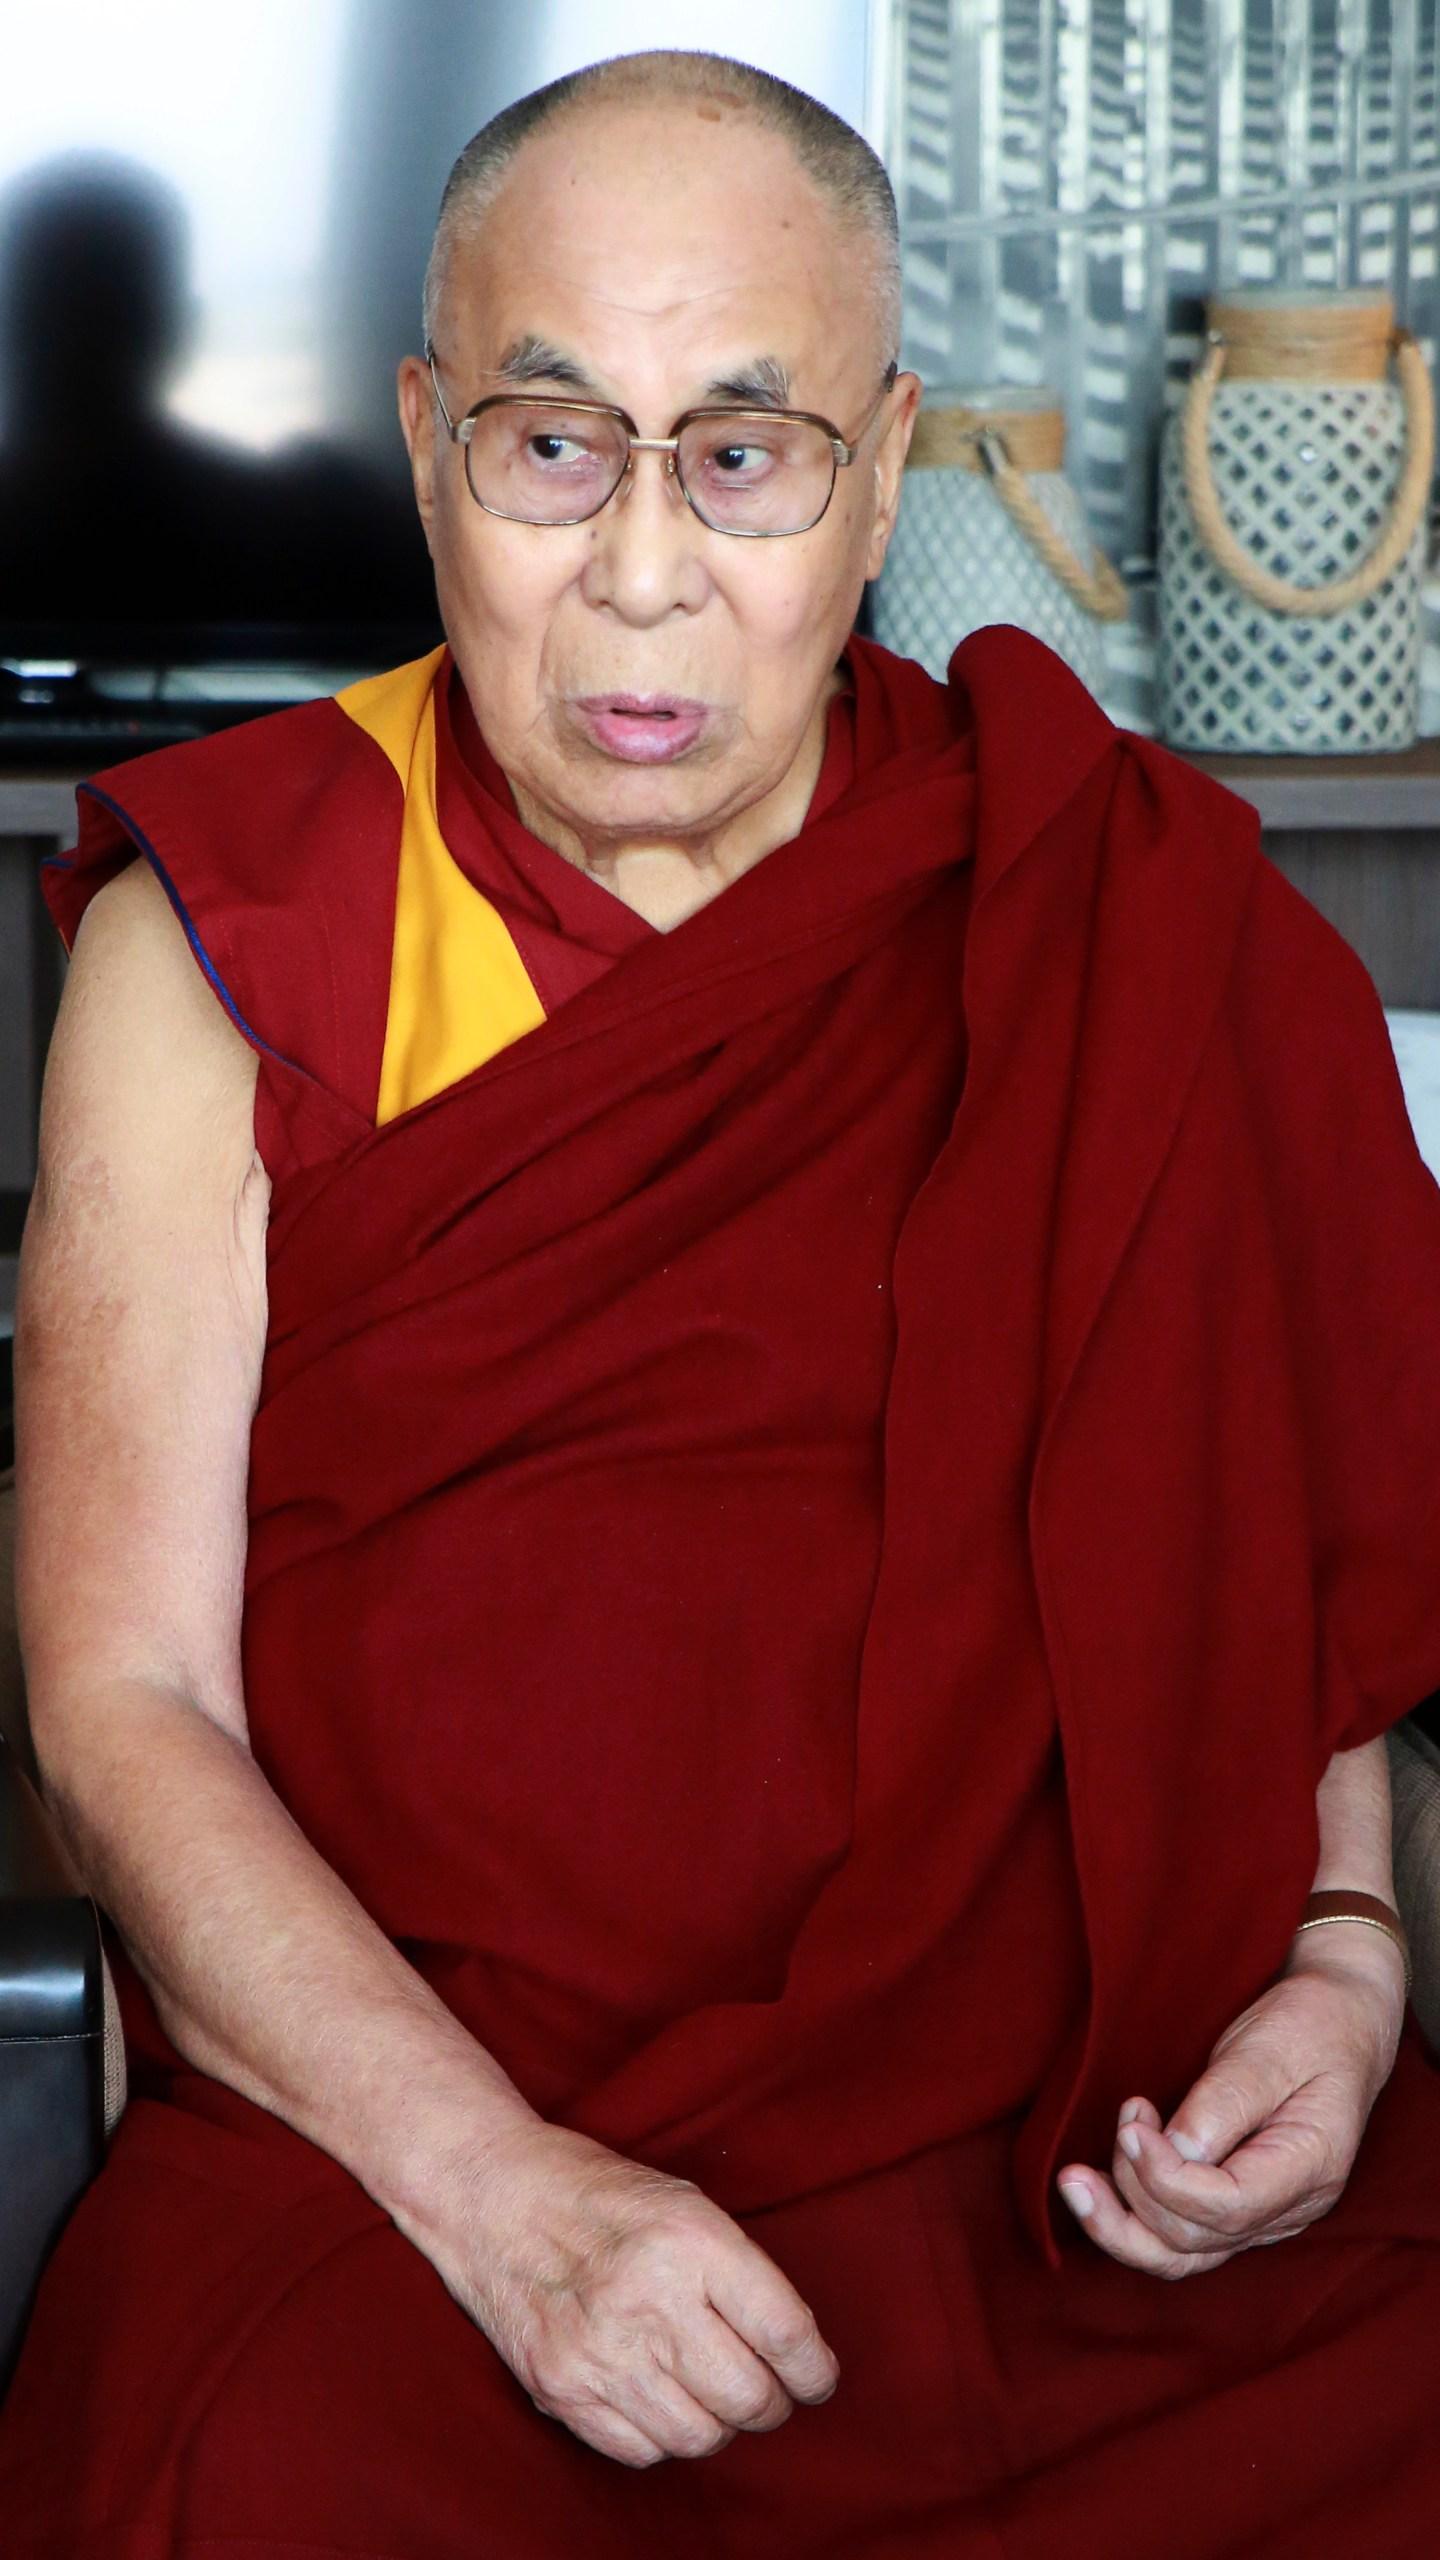 Netherlands_Dalai_Lama_12792-159532.jpg35099751